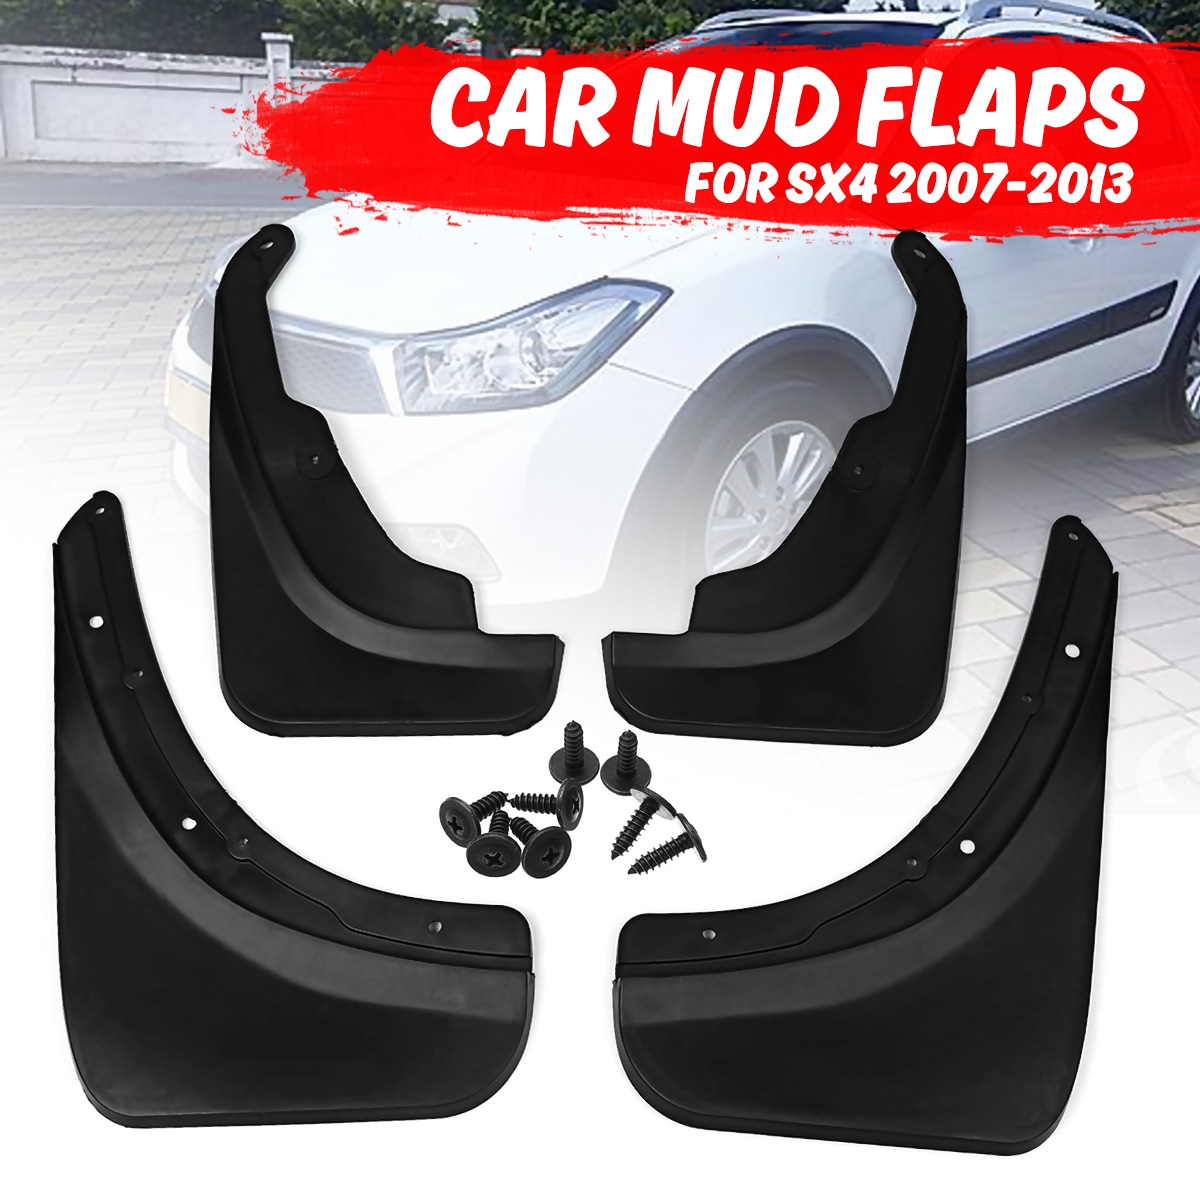 4PCS Mud Flaps Splash Guards Fit For 2006-2009 SX4 Hatchback